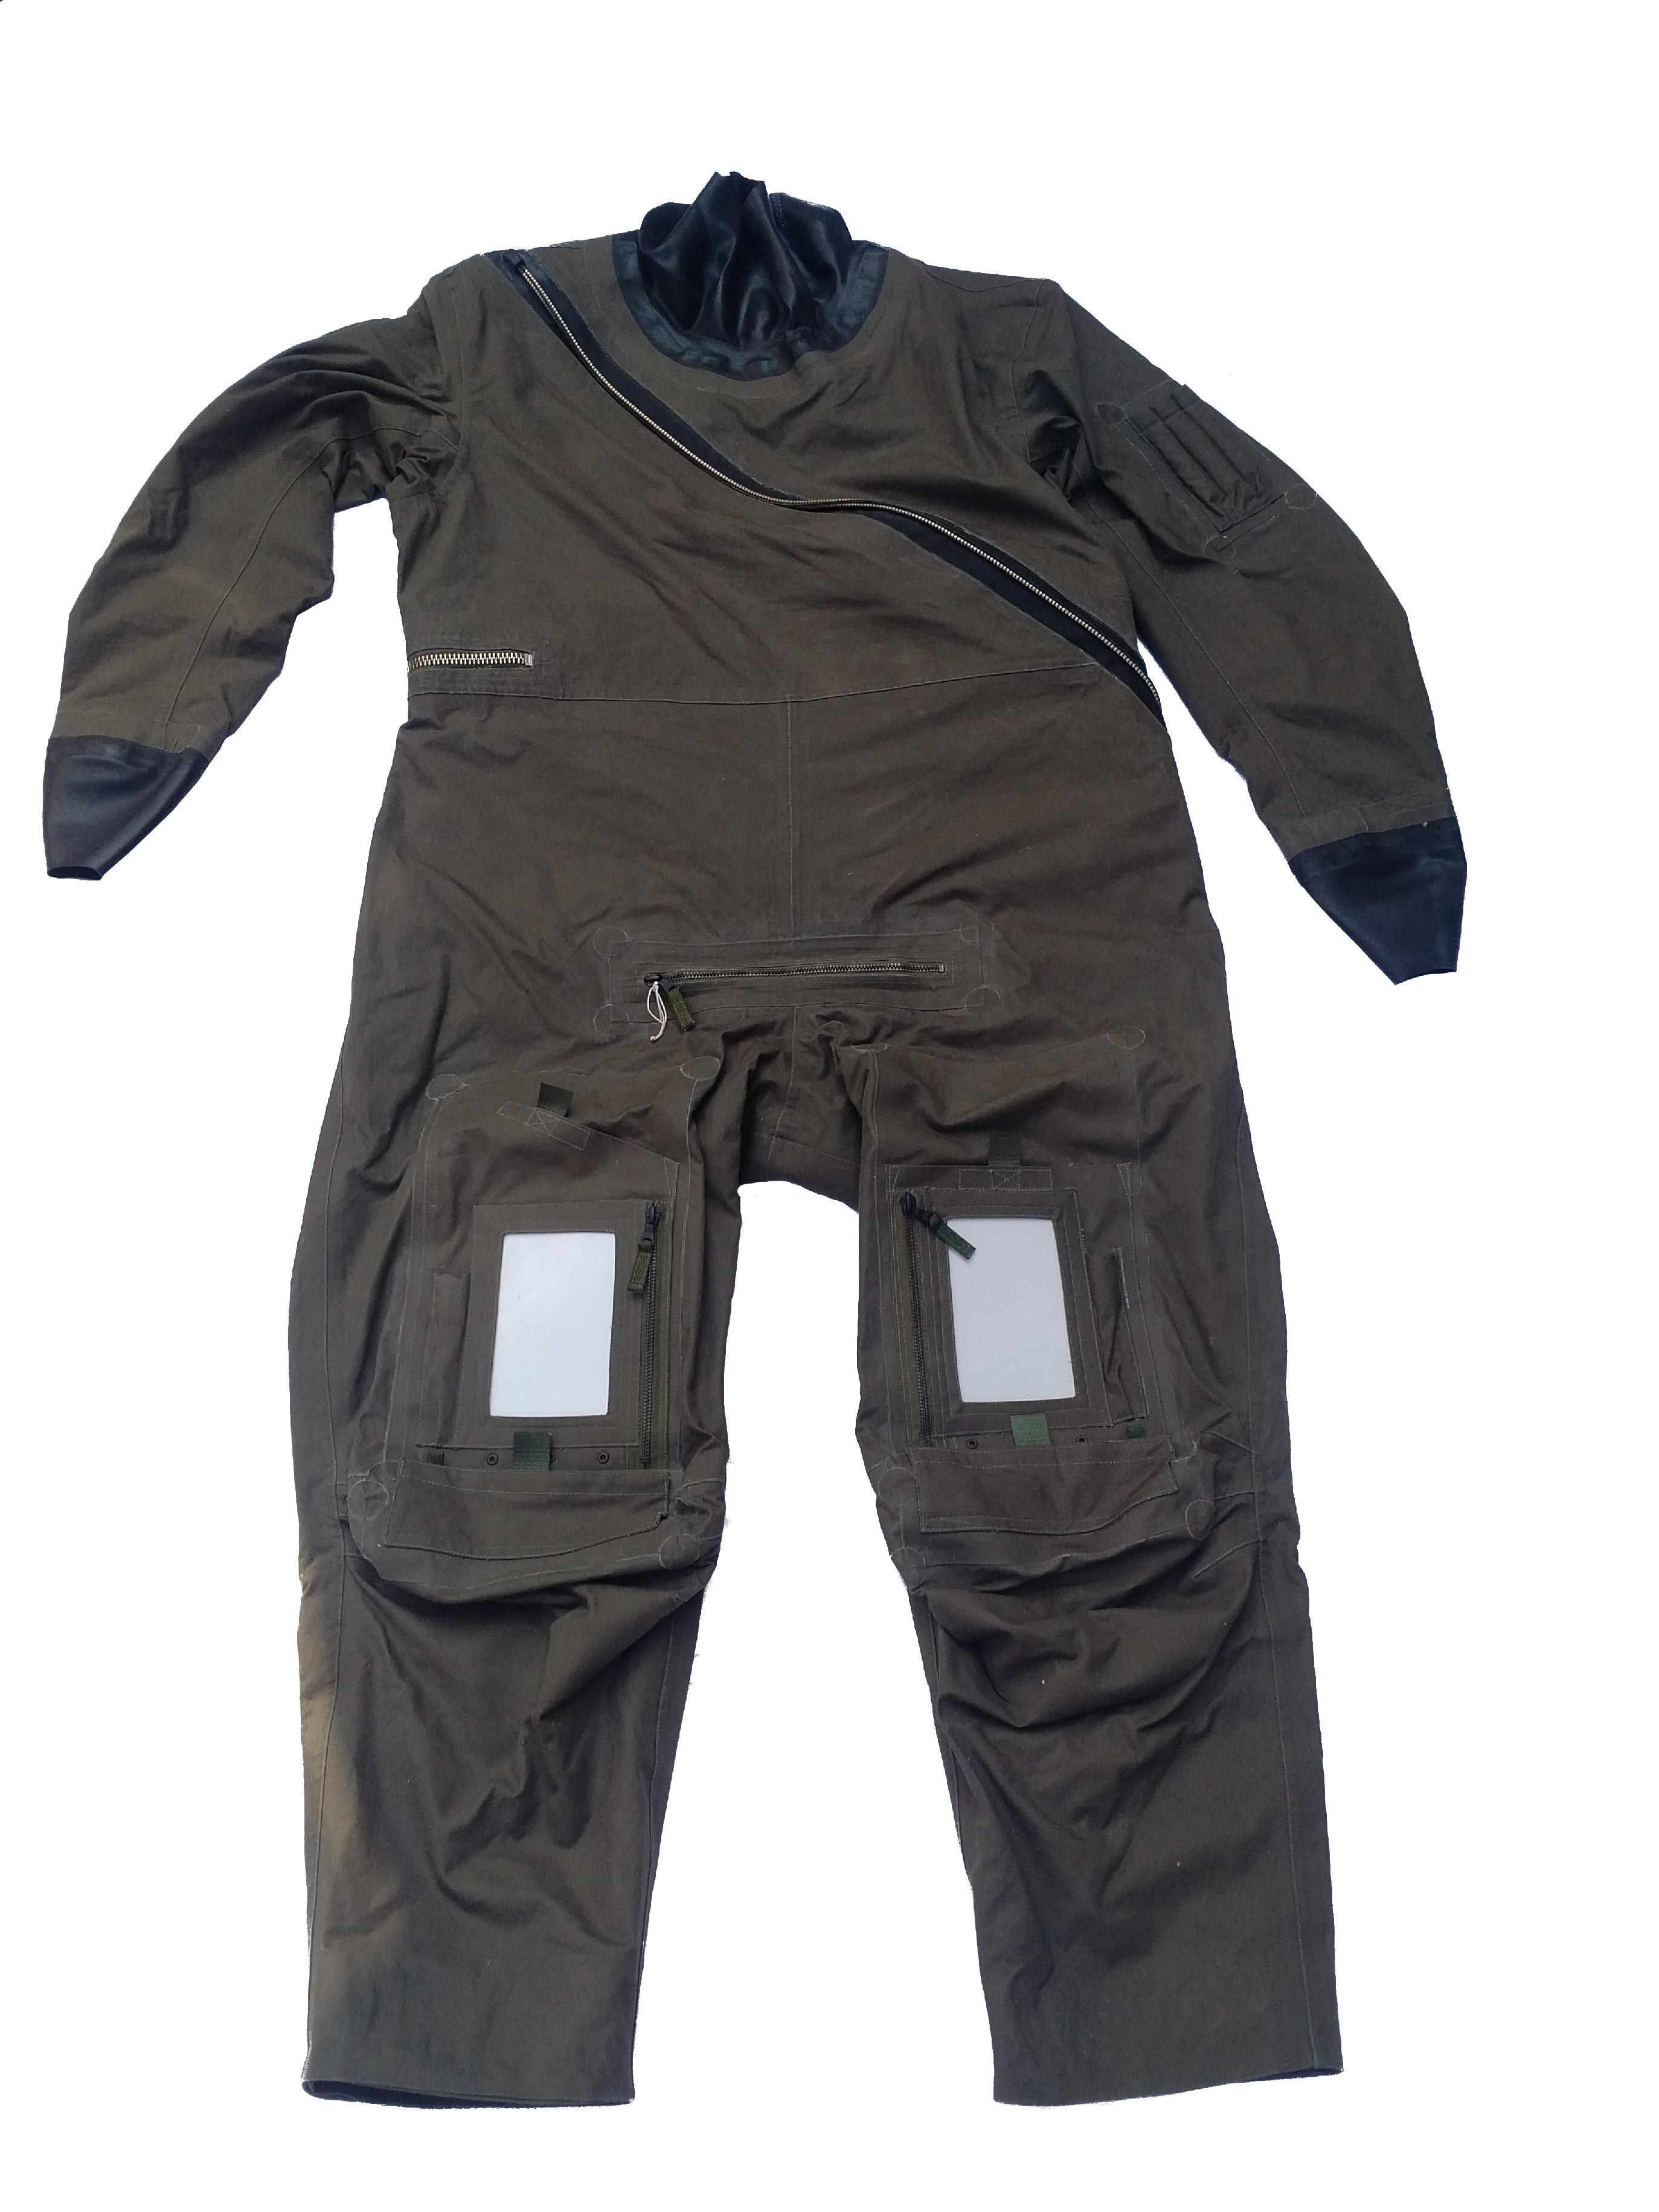 ARMÁDNÍ ORIGINÁL UK VELKÁ BRITÁNIE Pilotský suchý oblek RAF MK10 pro přežití (záchranná nepromokavá kombinéza) Beaufort Velká Británie Velikost: 9